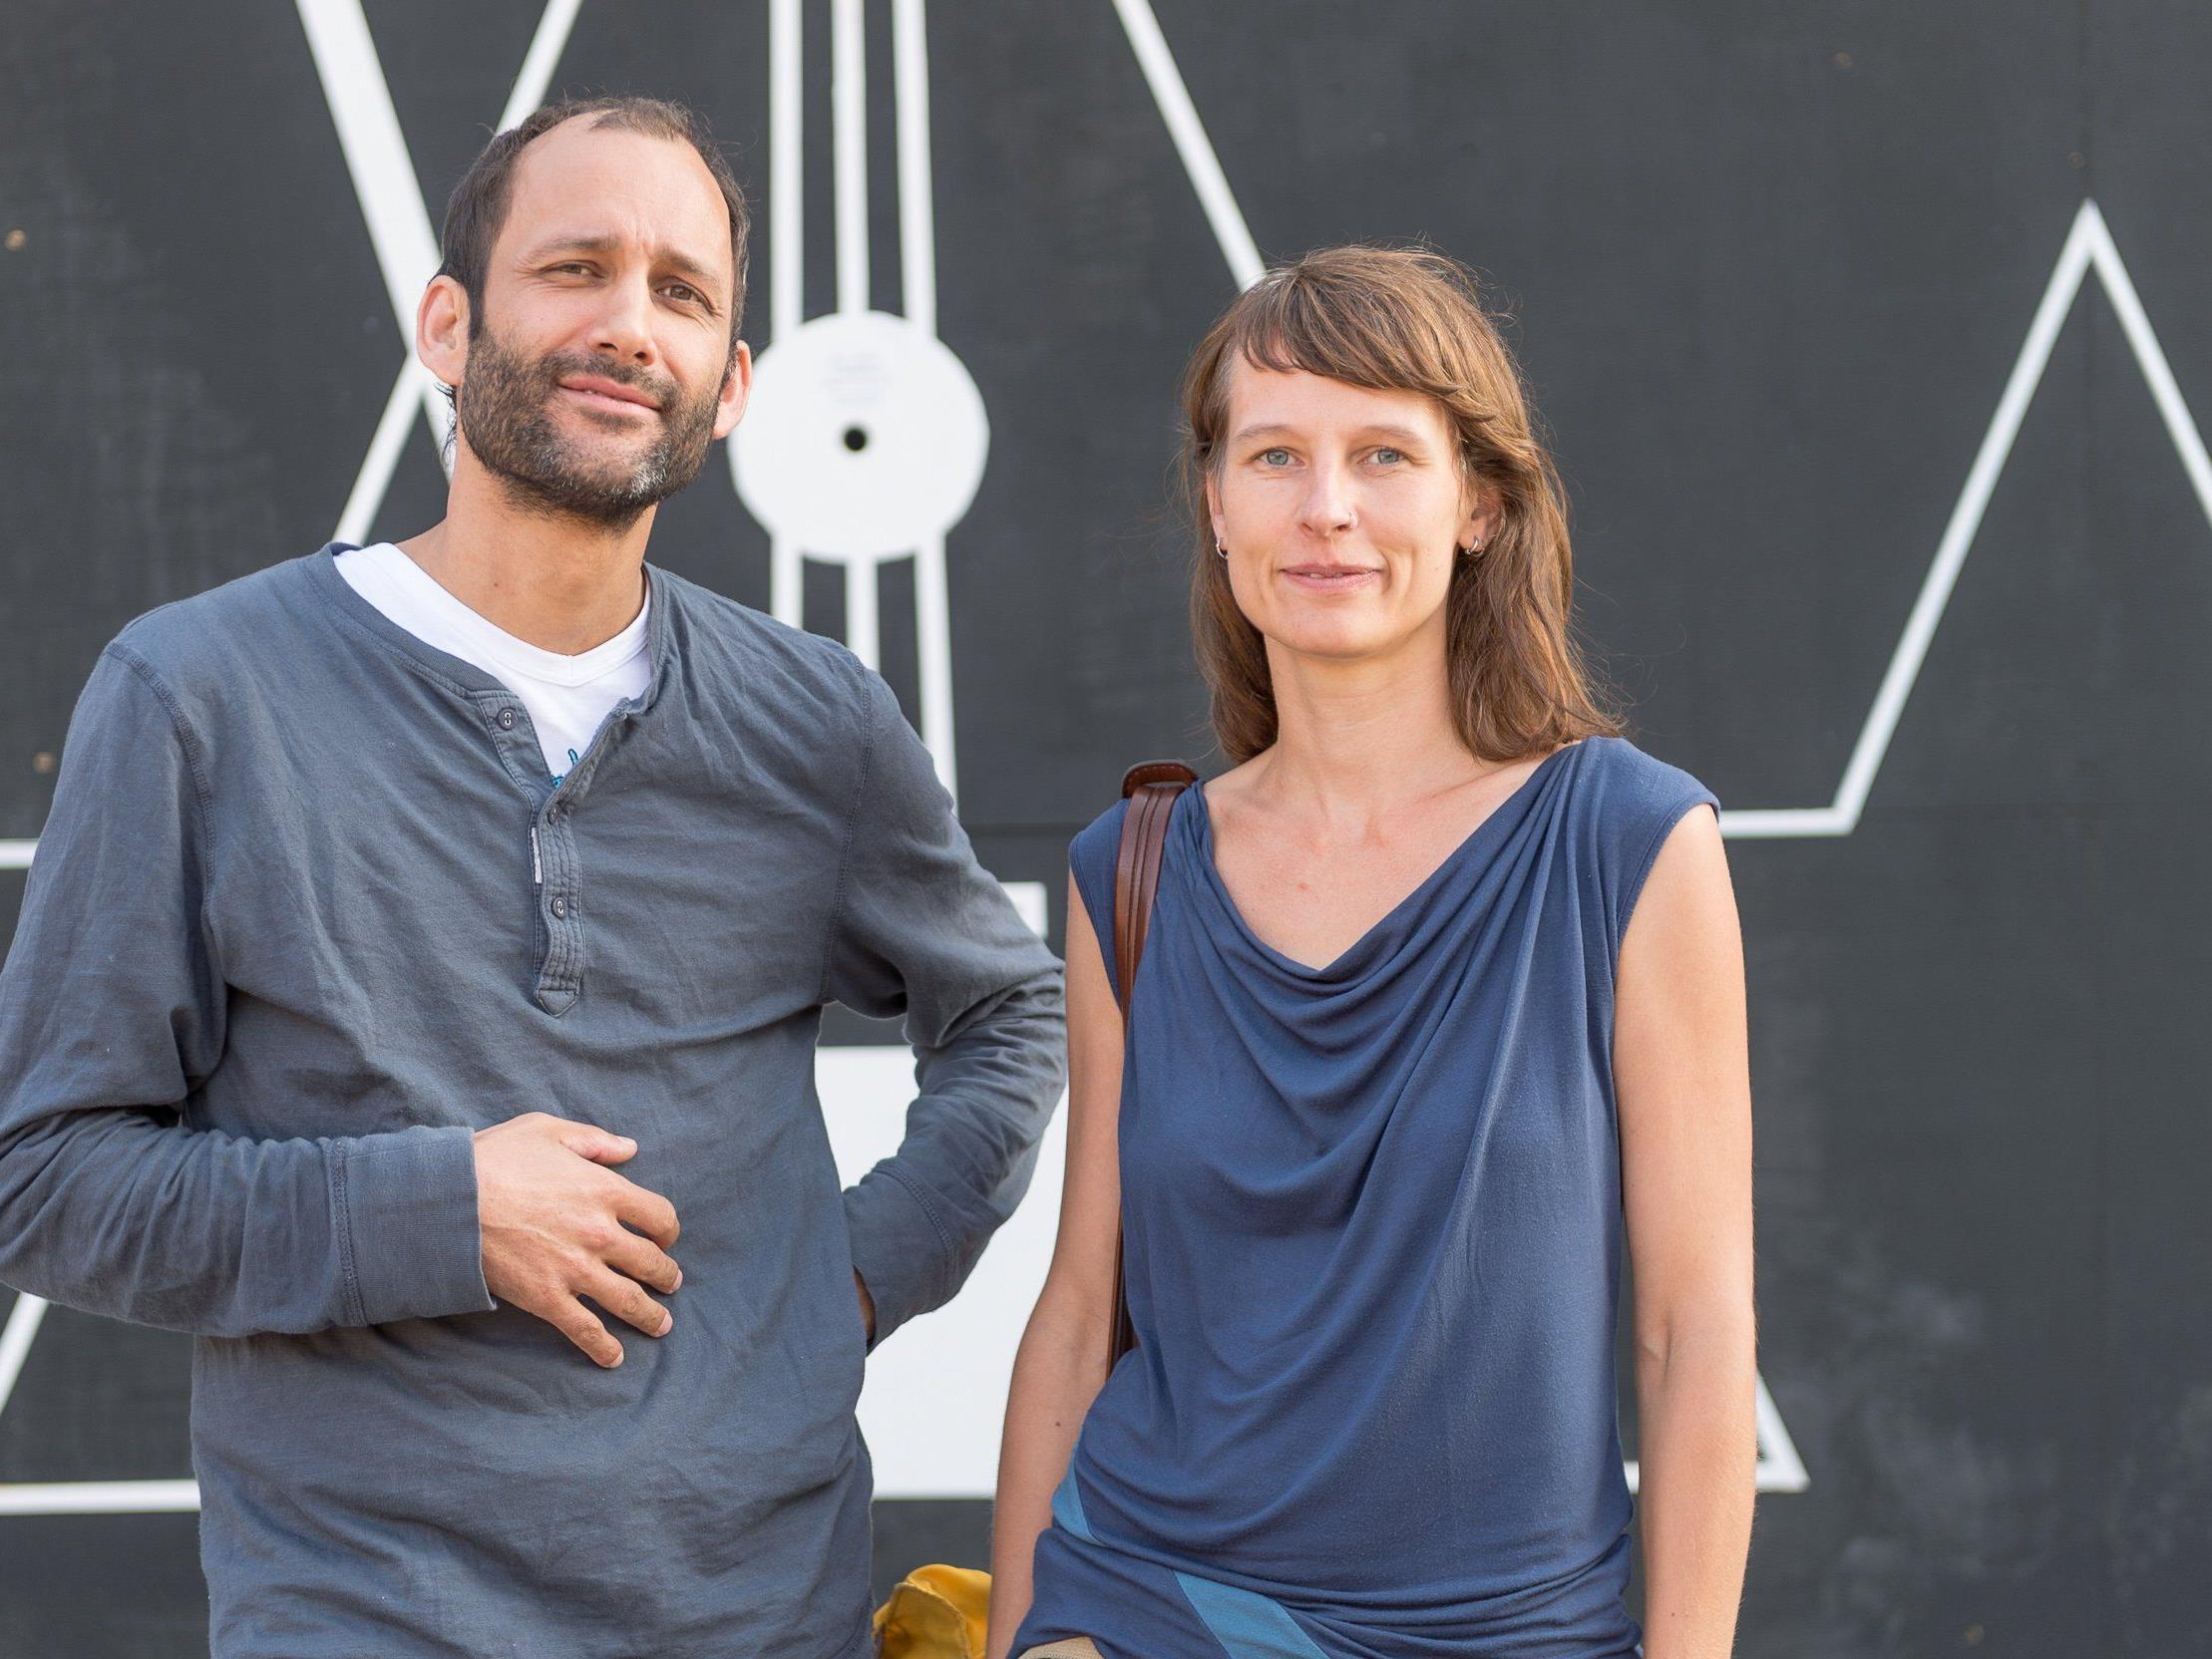 Herwig Bauer und Heike Kaufmann, die beiden Geschäftsführer des poolbar-Festivals.